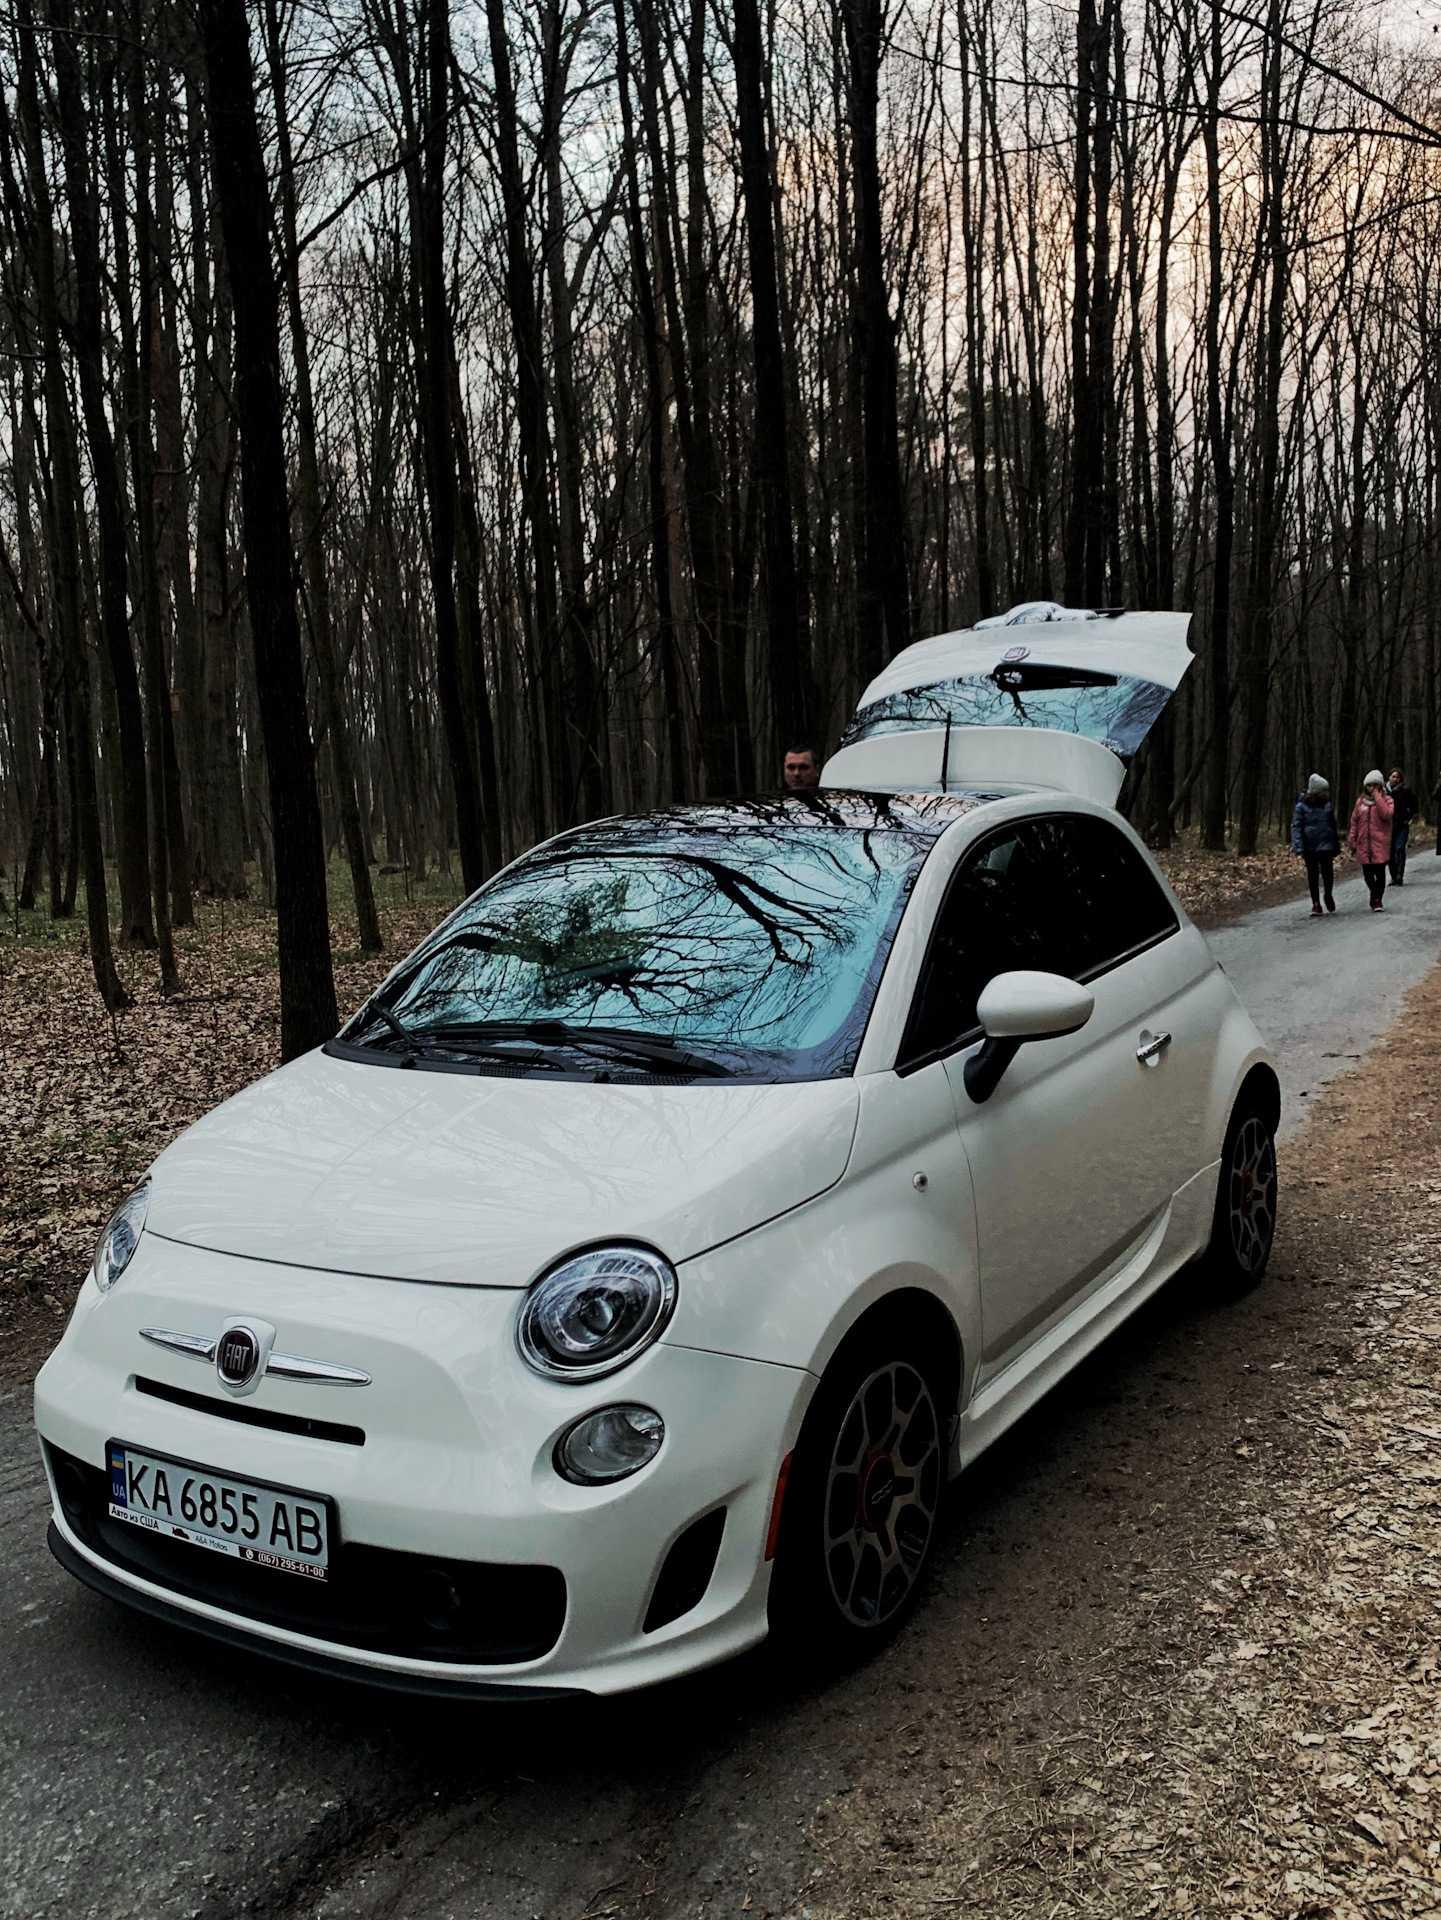 Chevrolet tracker 2020/2021 в россии, характеристики, комплектации и цены, тест драйв - autotopik.ru